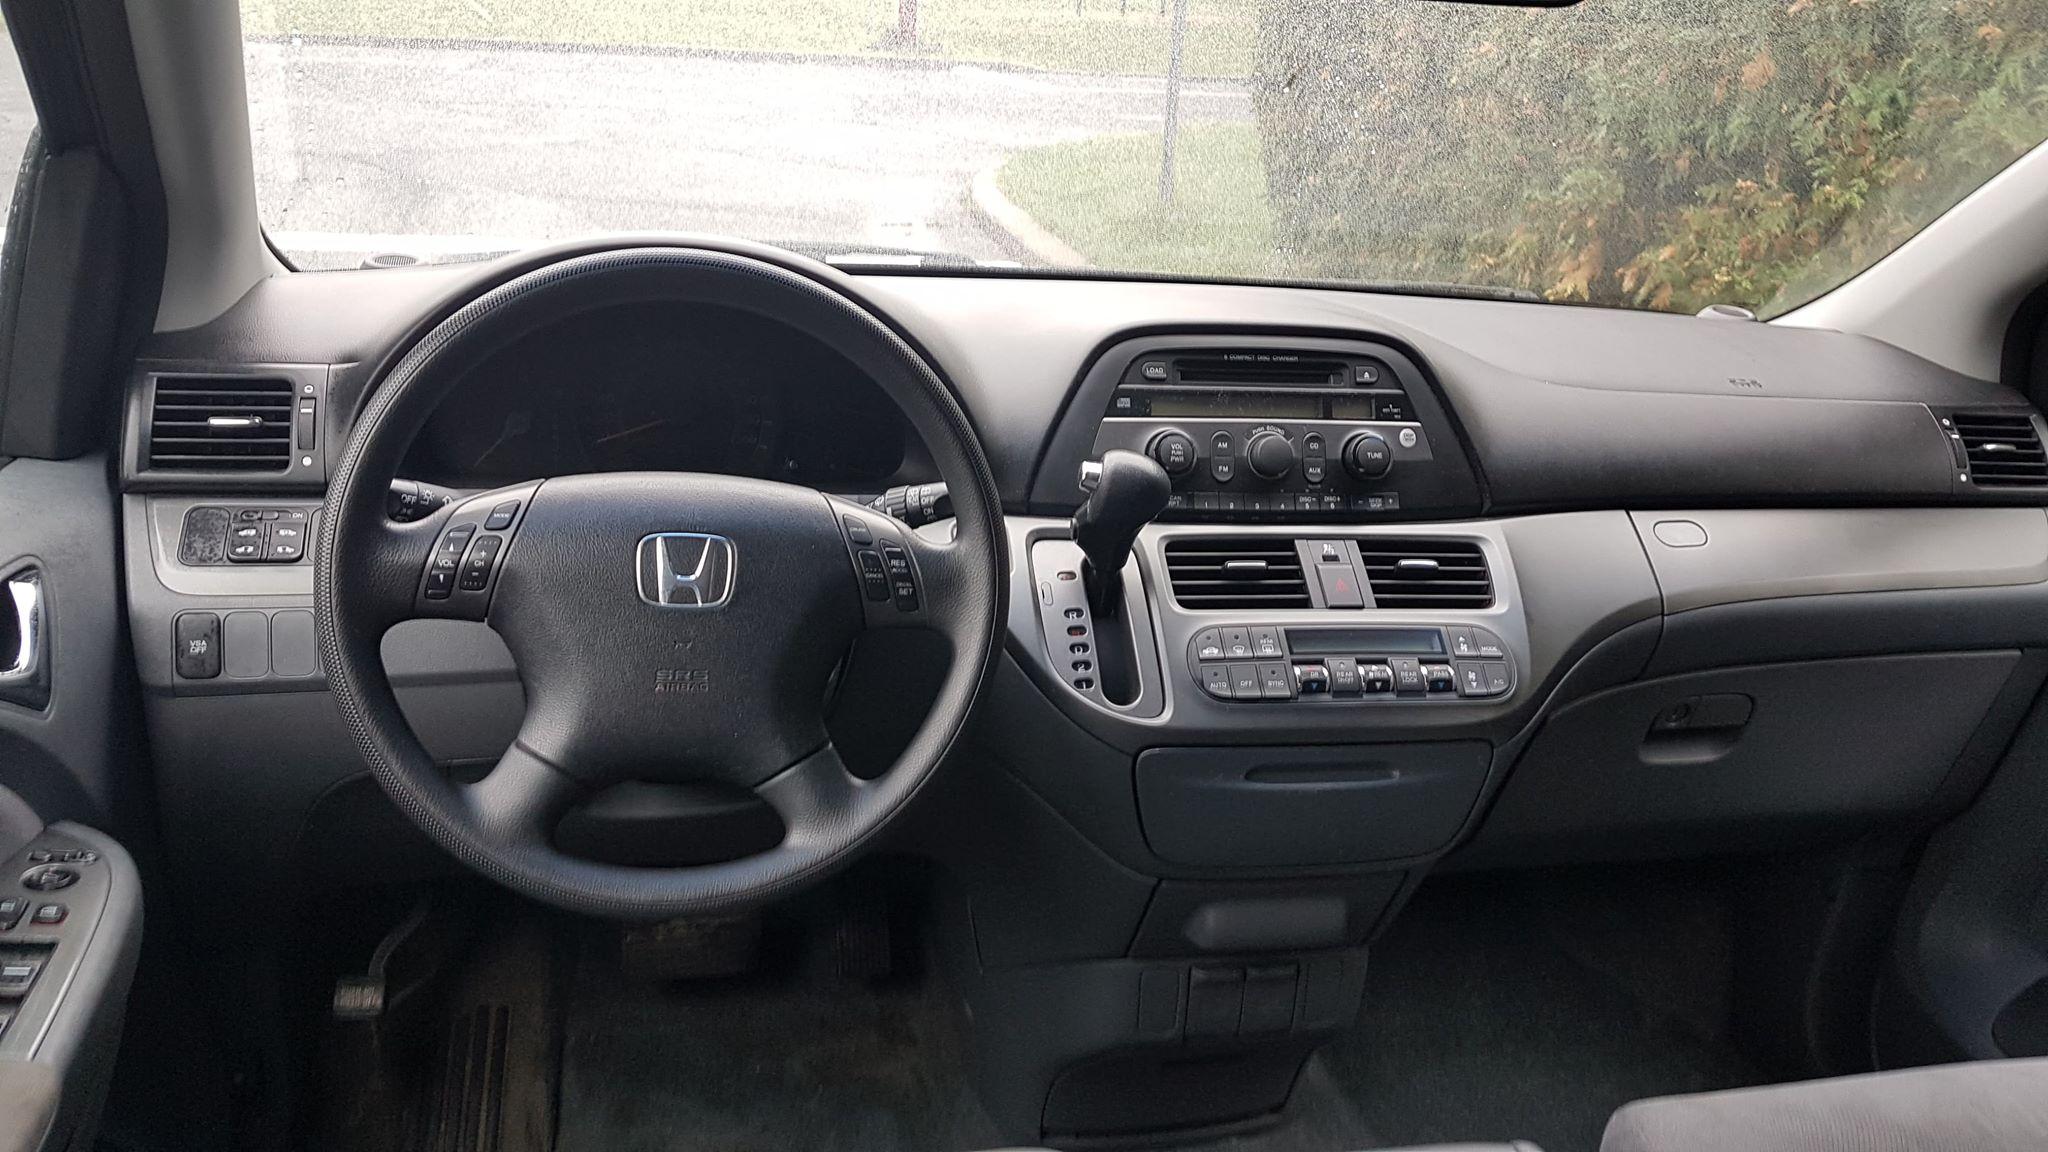 Honda Odyssey 2007 avec 200 000 km.  4995$